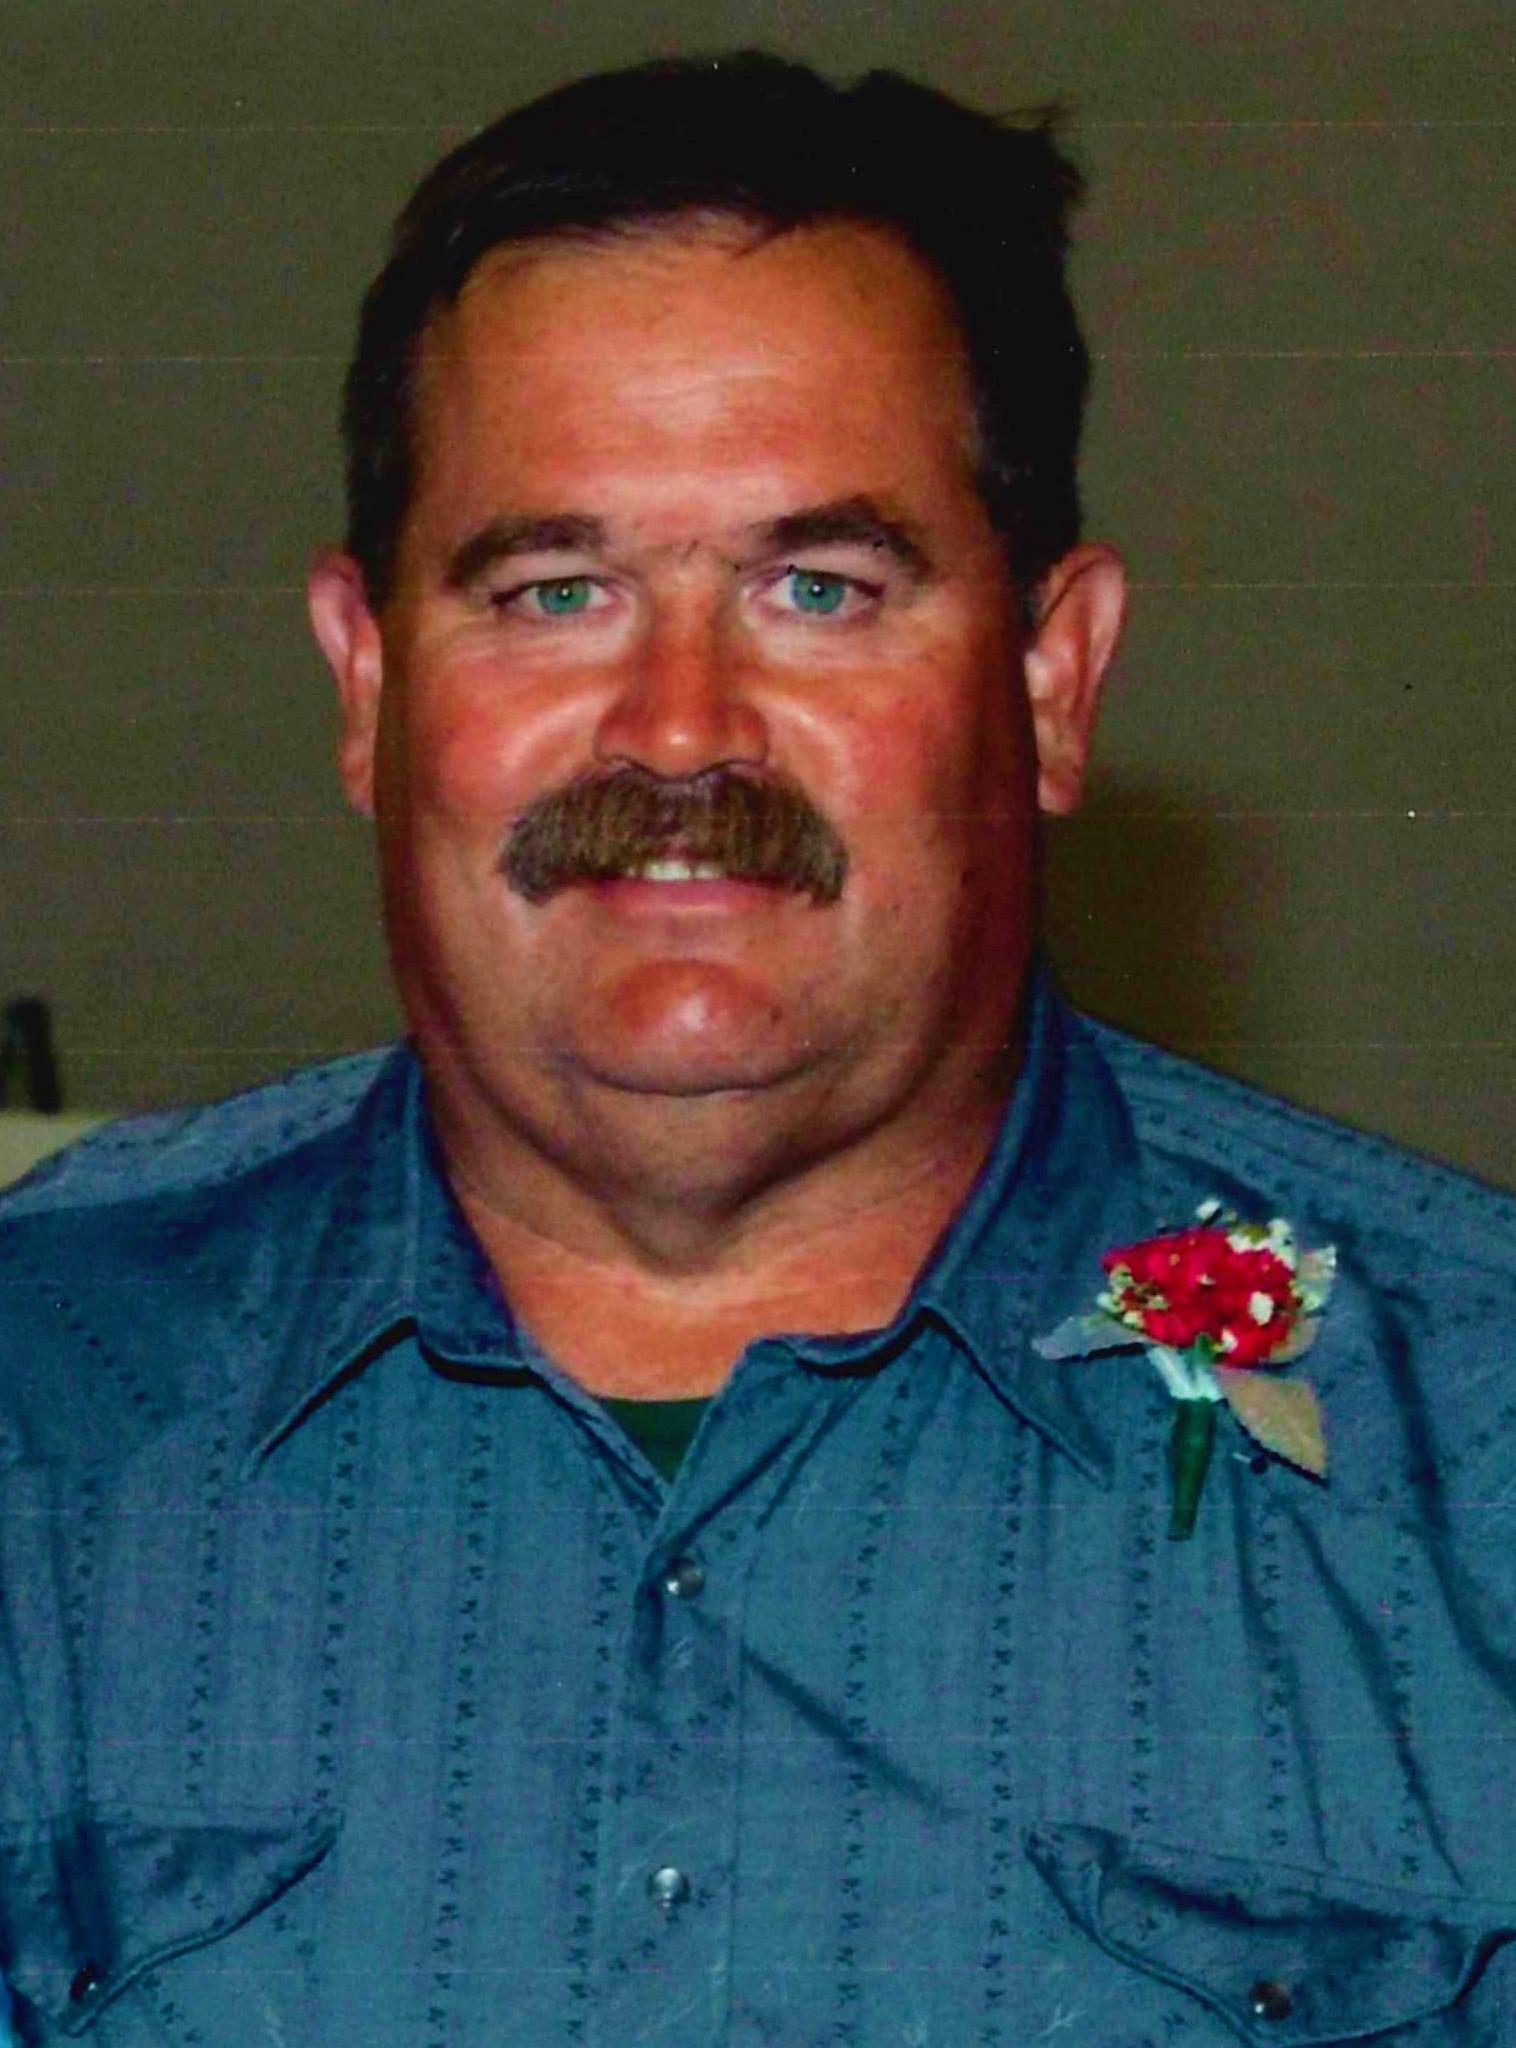 David Earsom, 61 years of age, of rural Loomis, Nebraska